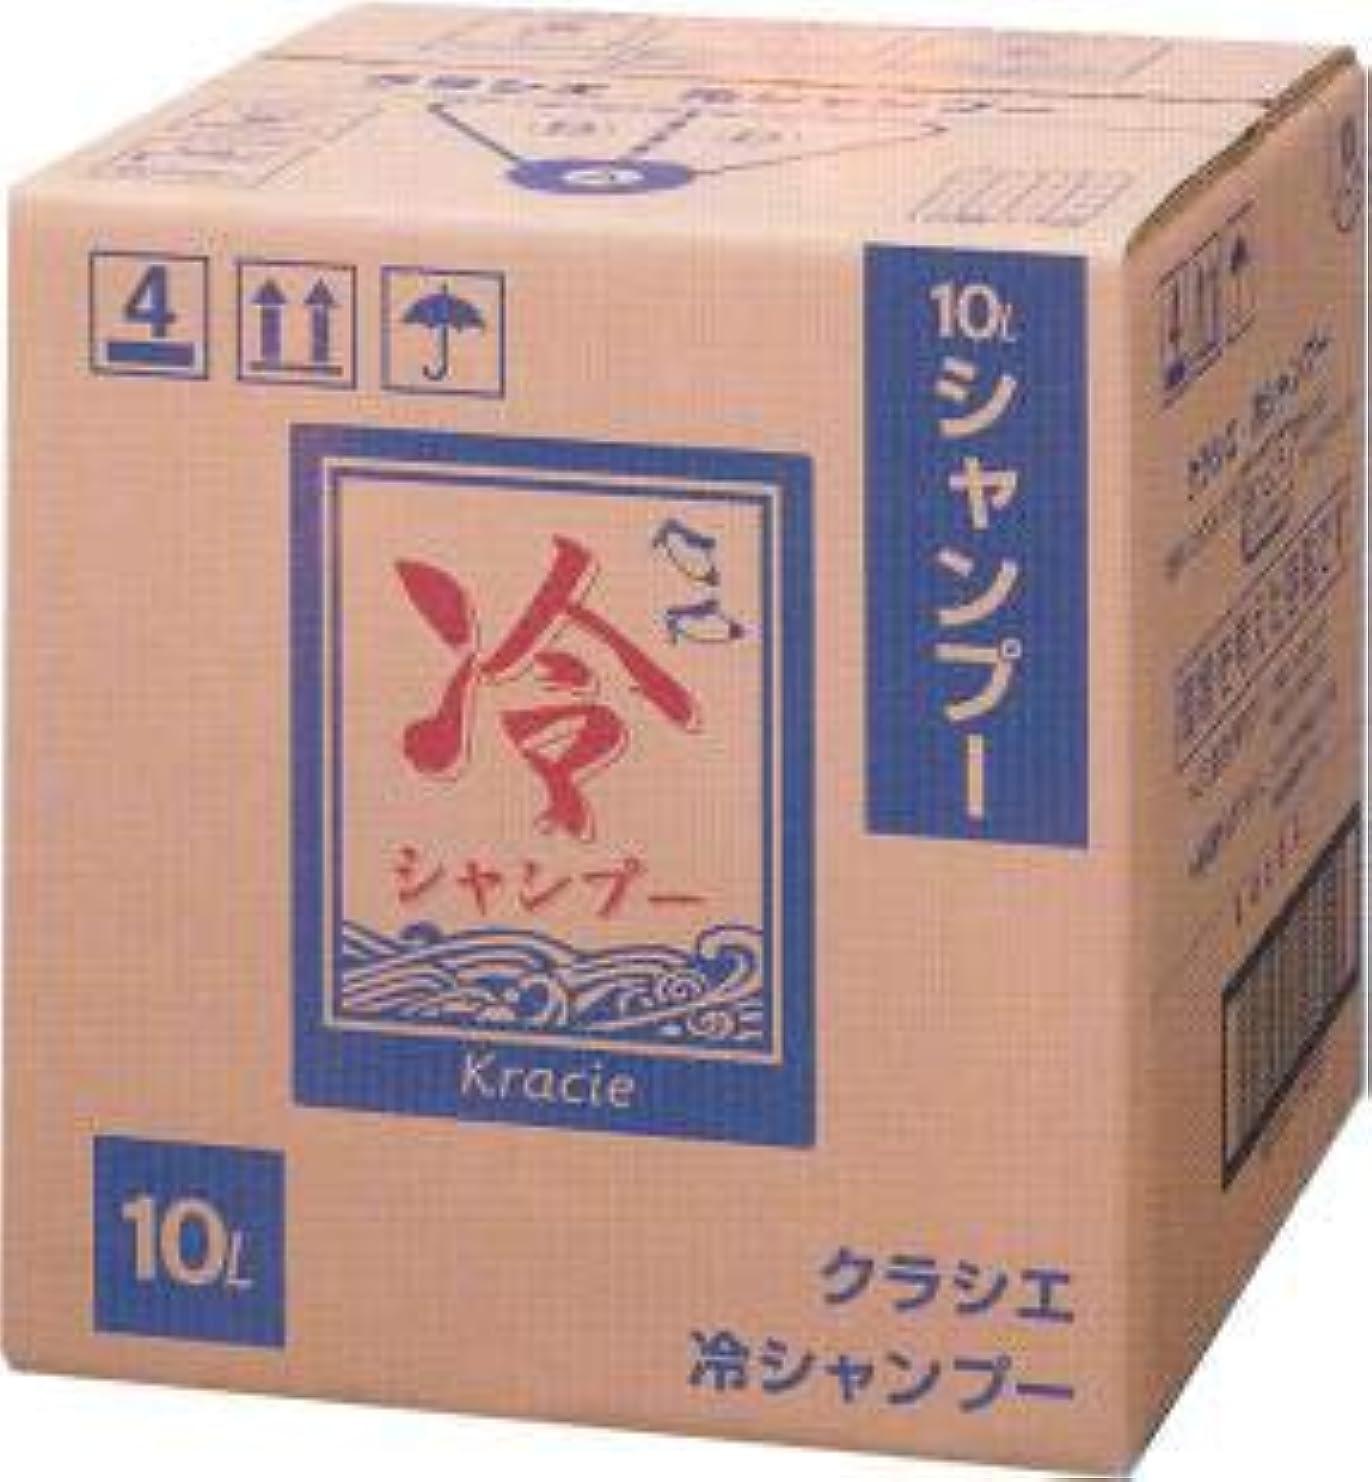 乳白眉をひそめる依存kracie クラシエ 冷 シャンプー 10L 詰め替え 業務用